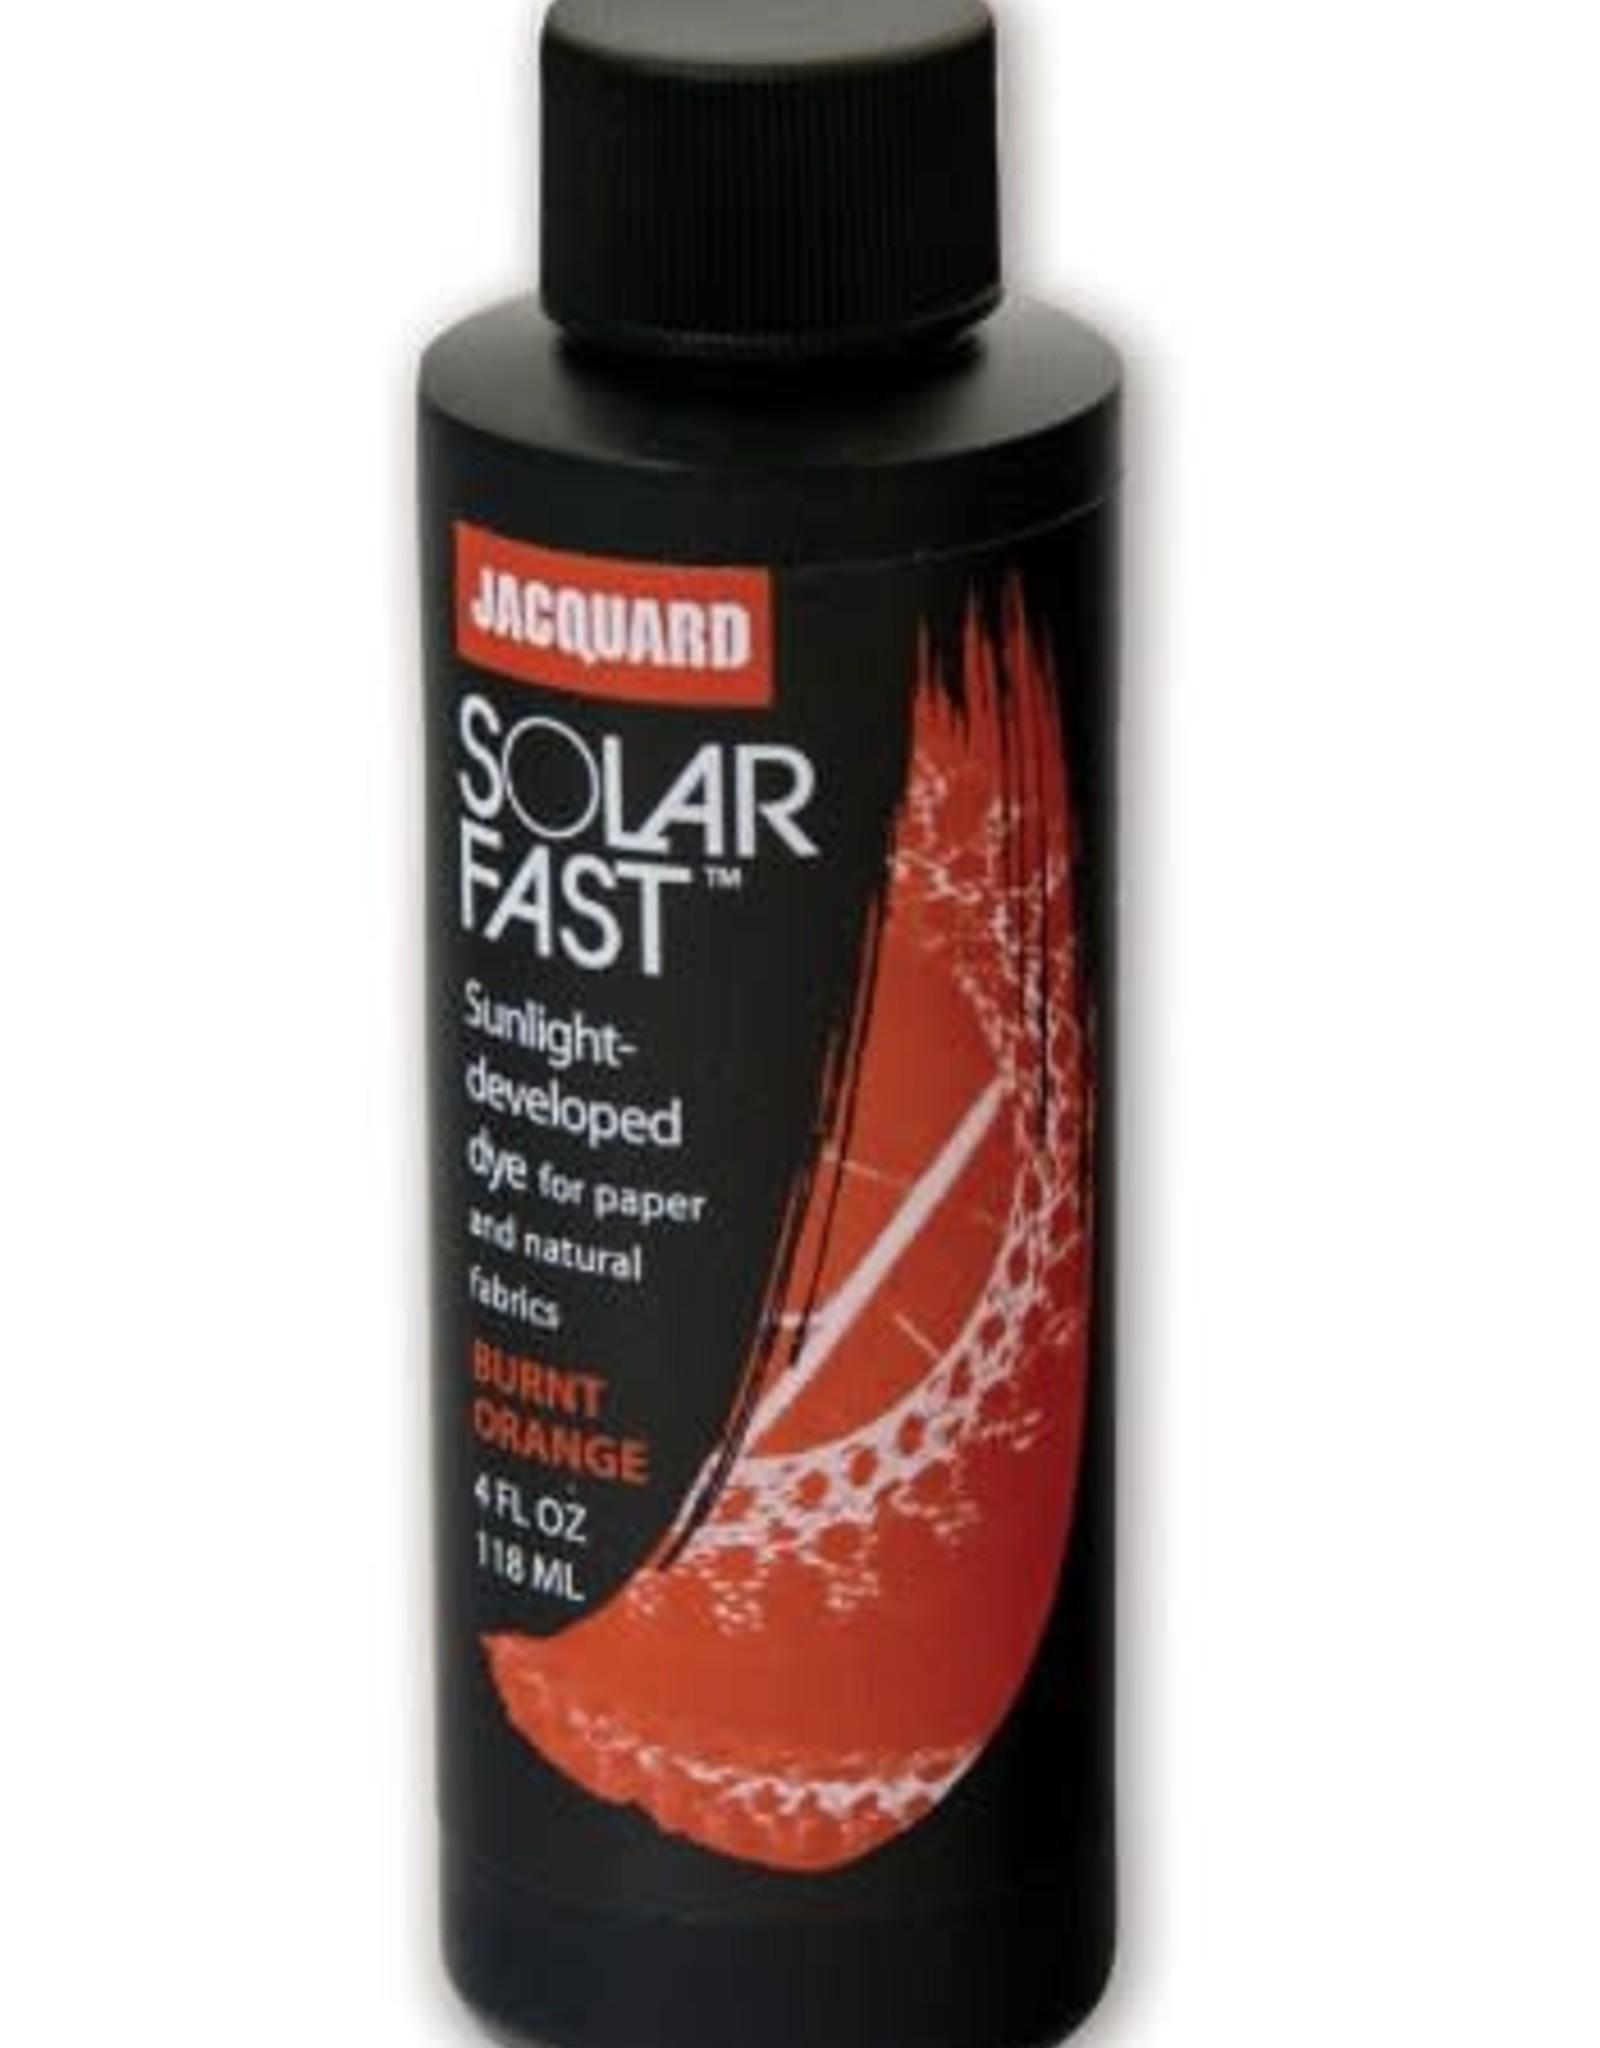 Jacquard SolarFast is verf die zich in de zon ontwikkelt!